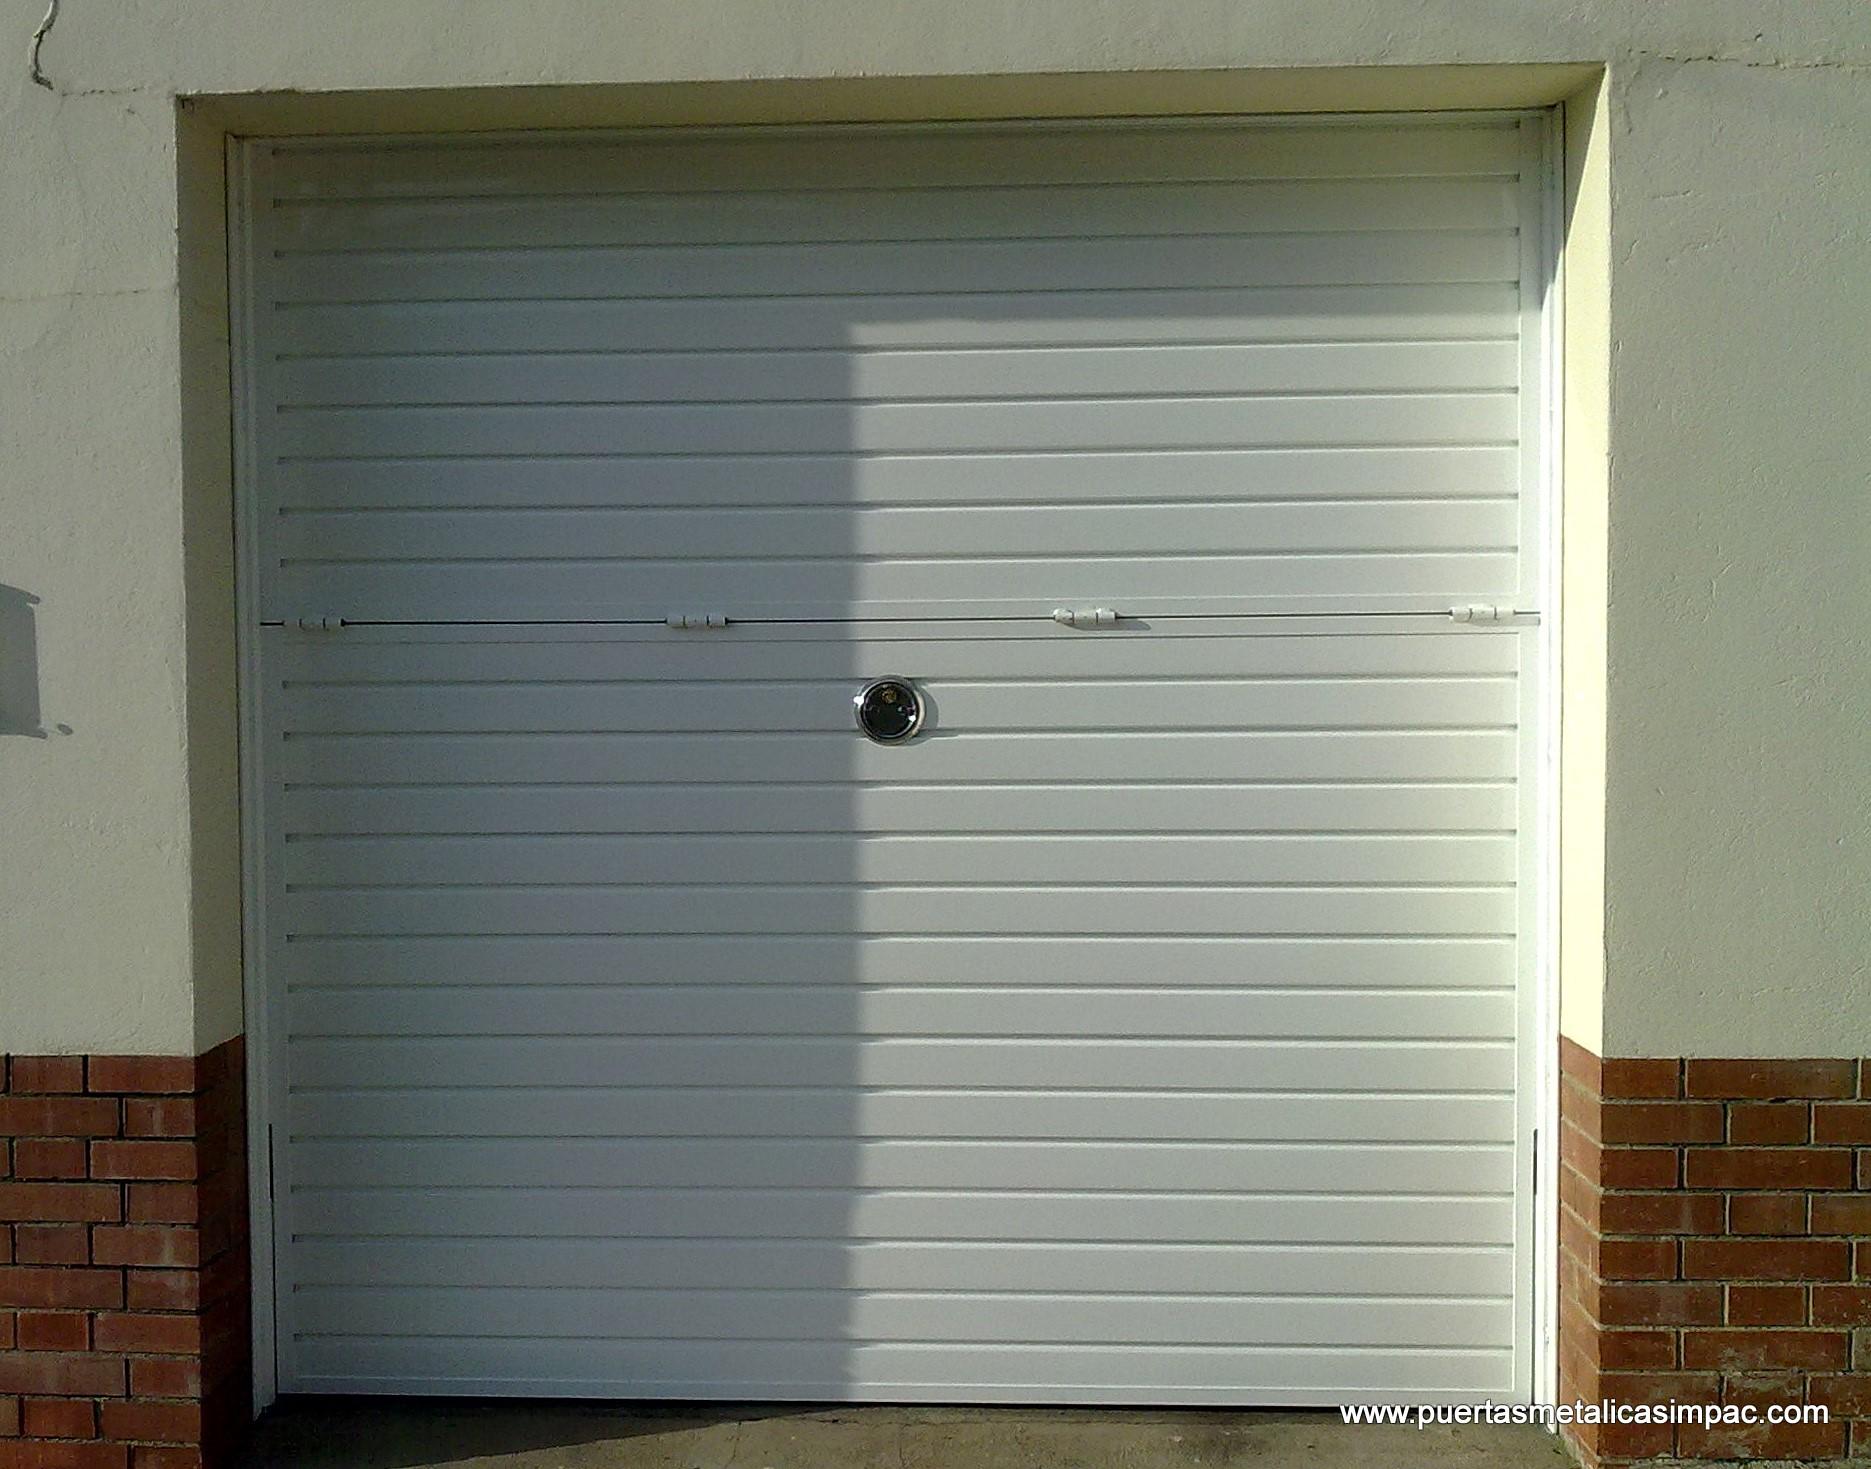 Puertas de garaje abatibles beautiful puertas de garaje - Puerta garaje abatible ...